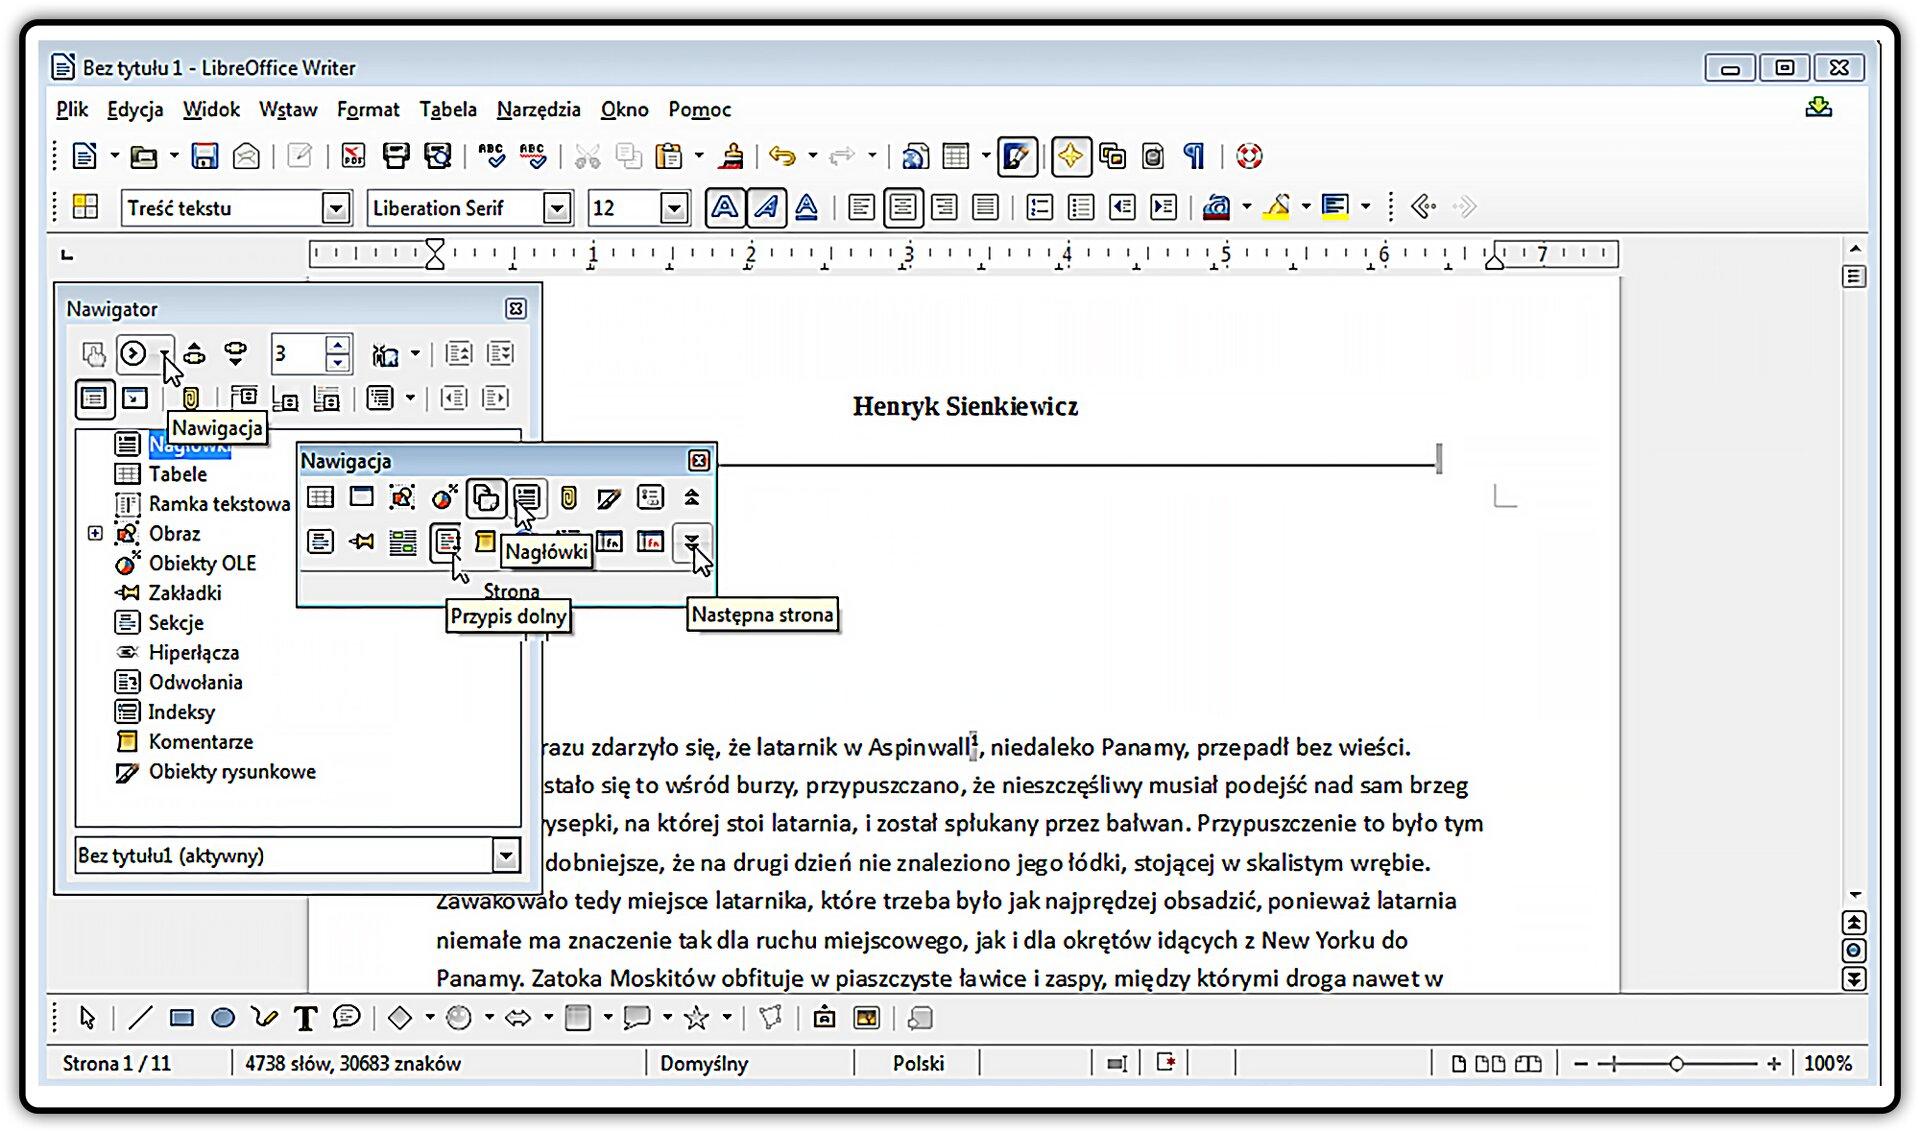 Slajd 1 galerii zrzutów okna programu LibreOffice Writer znarzędziami nawigacji